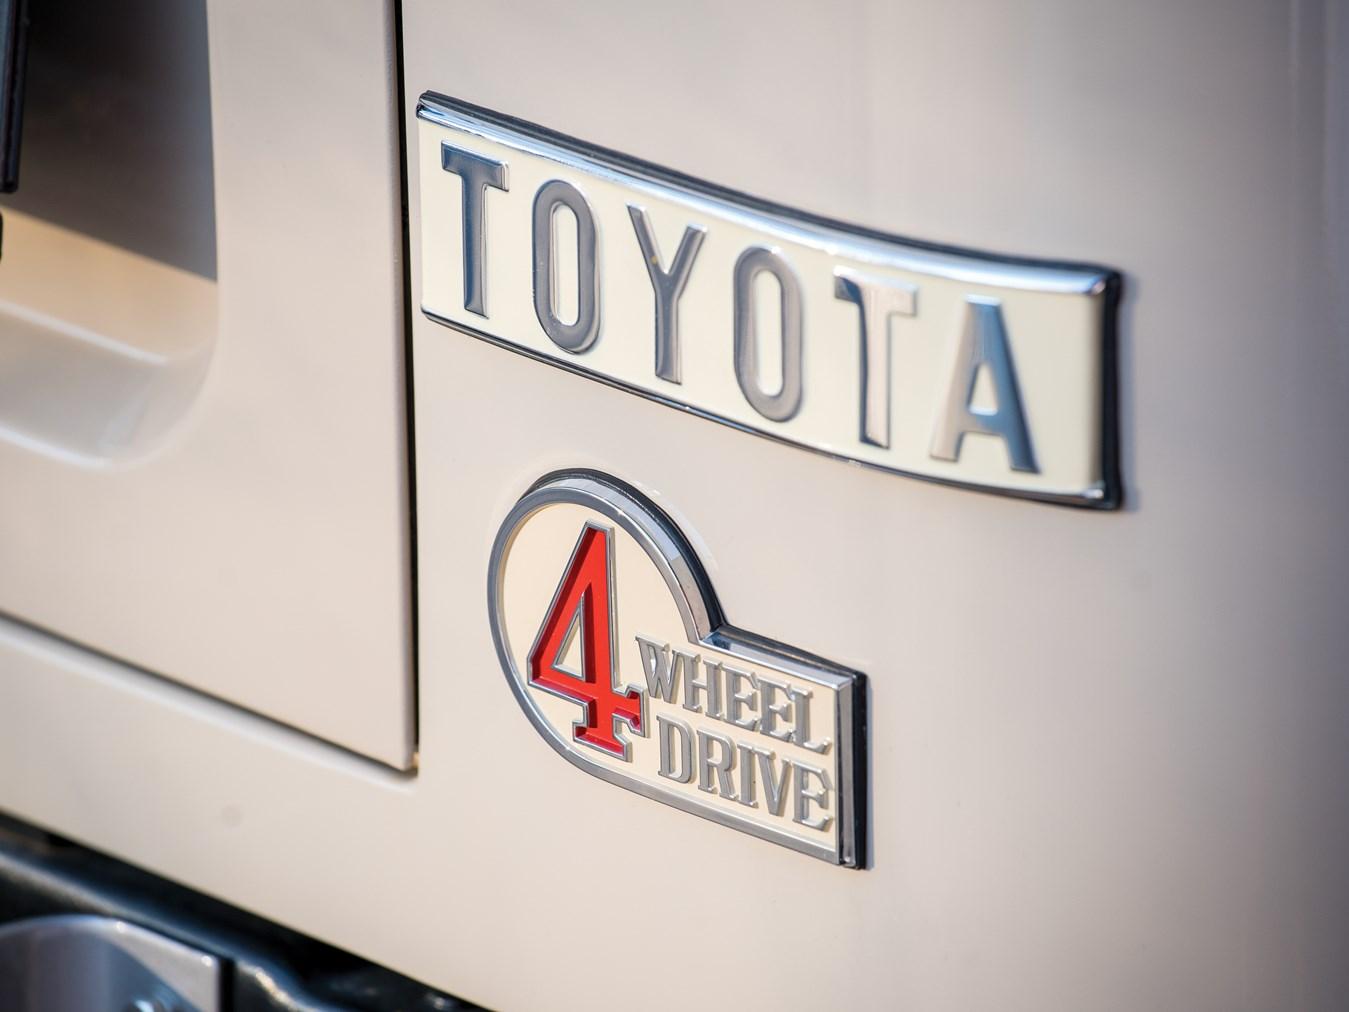 1978 Toyota FJ40 Land Cruiser badge detail